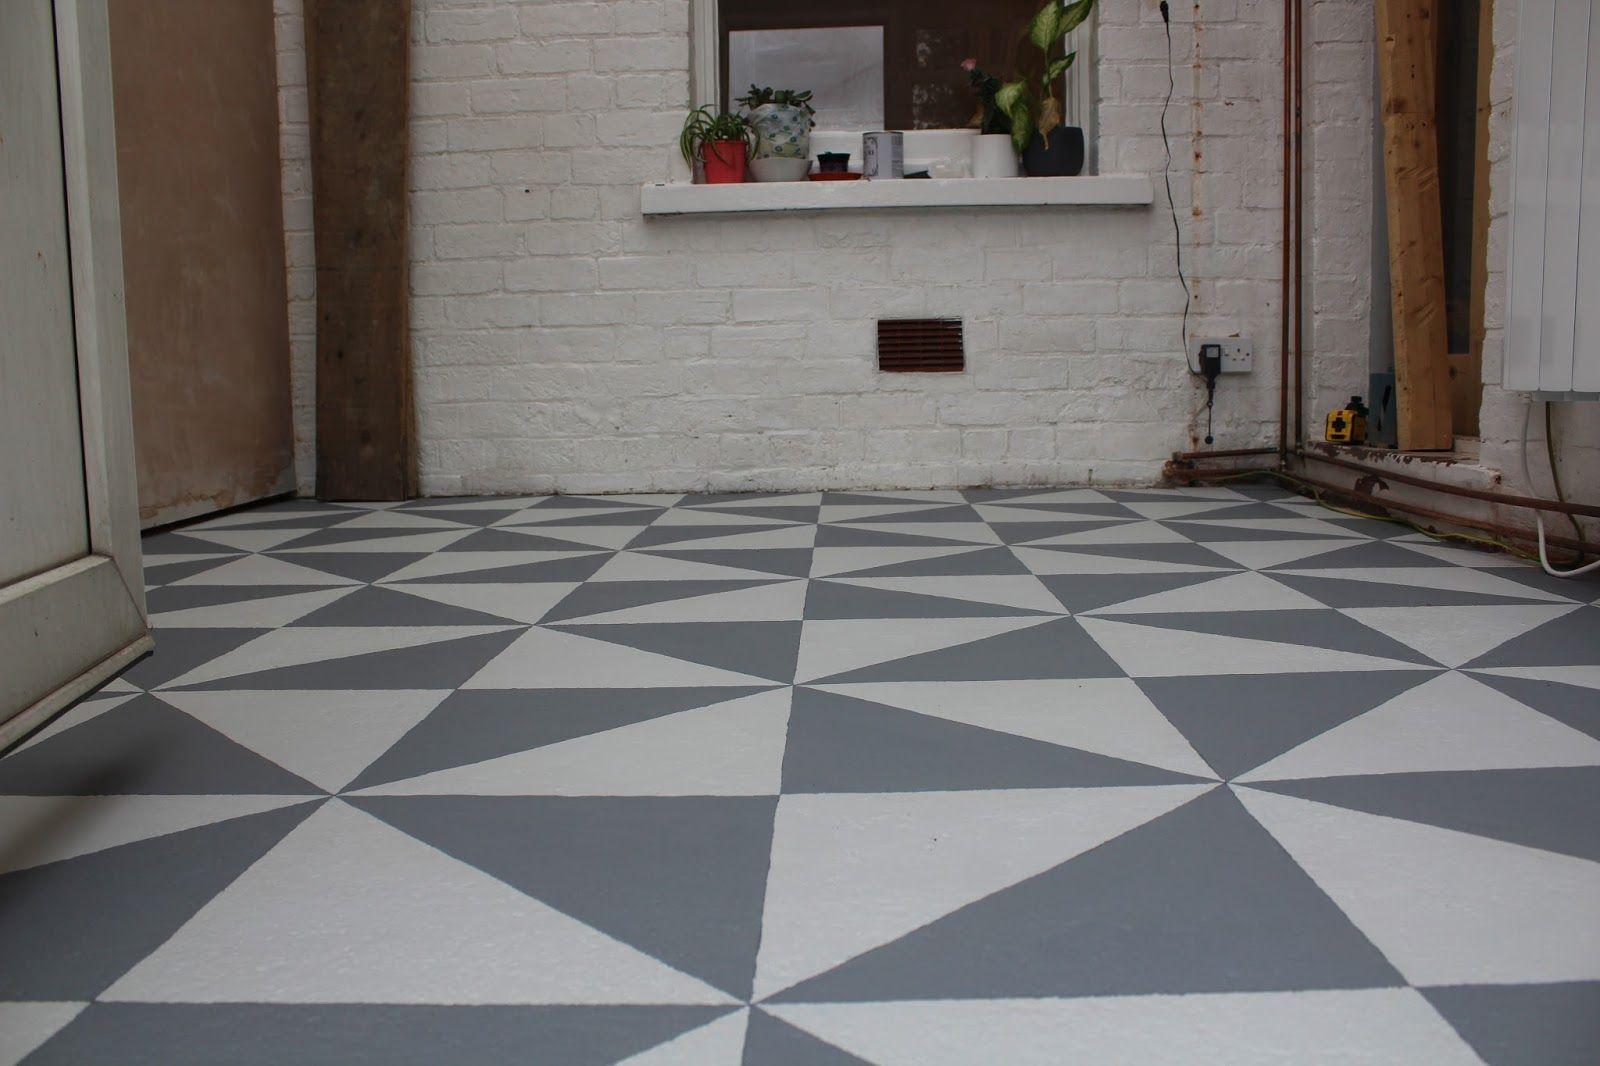 Diy Painting A Patterned Floor Diy Flooring Painted